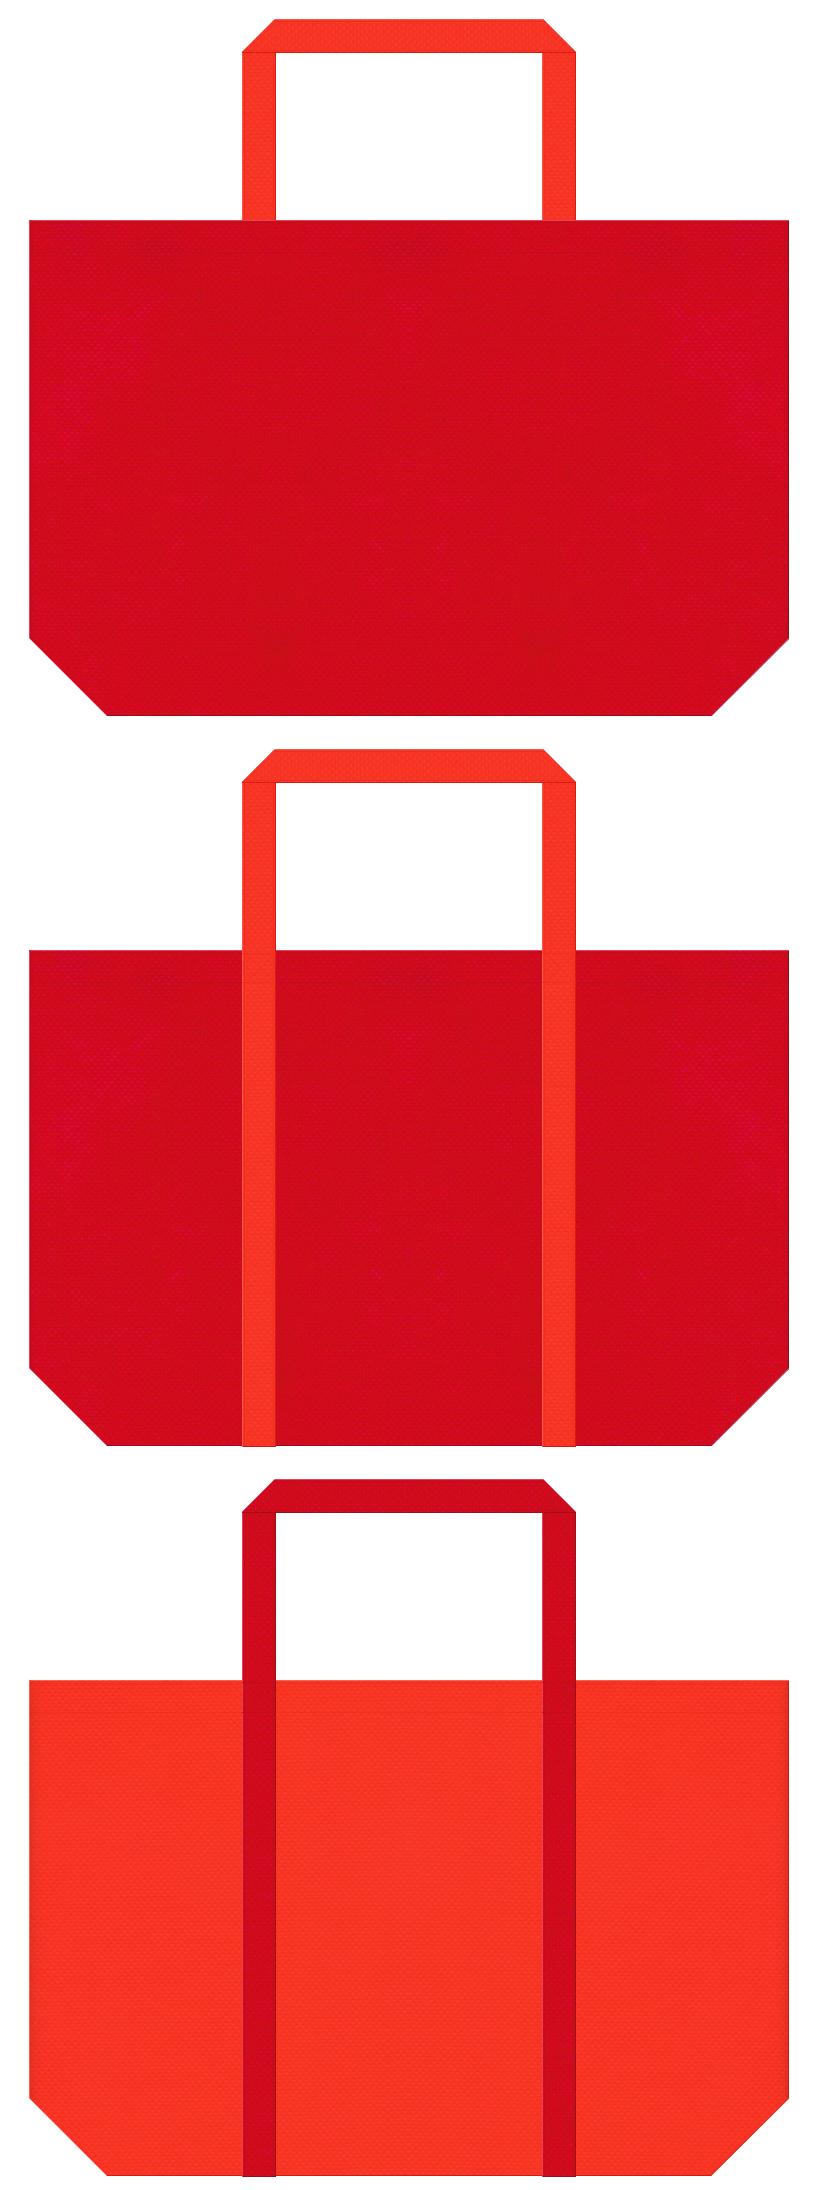 サプリメント・太陽・エネルギー・暖房器具・キャンプ・バーベキュー・アウトドア・スポーツバッグにお奨めの不織布バッグデザイン:紅色とオレンジ色のコーデ